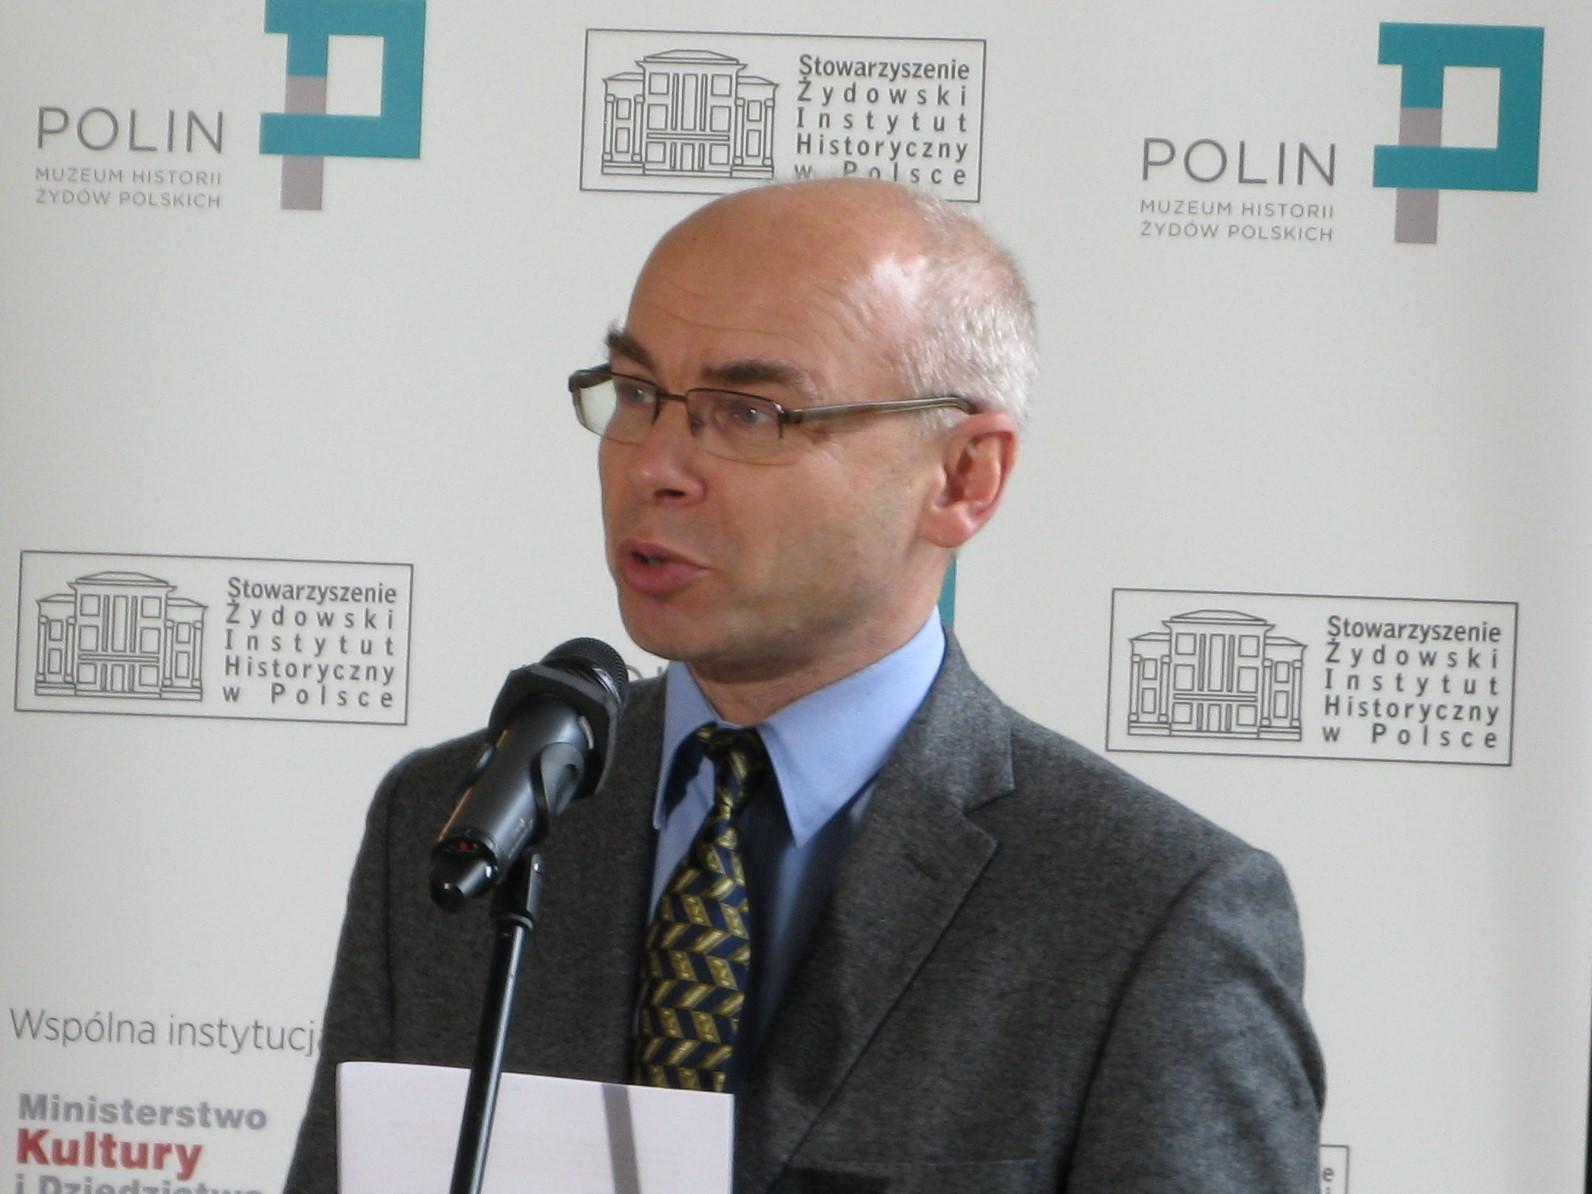 Prof Stola: Wszystkie oskarżenia, jakie formułował pod moim adresem minister, były fałszywe